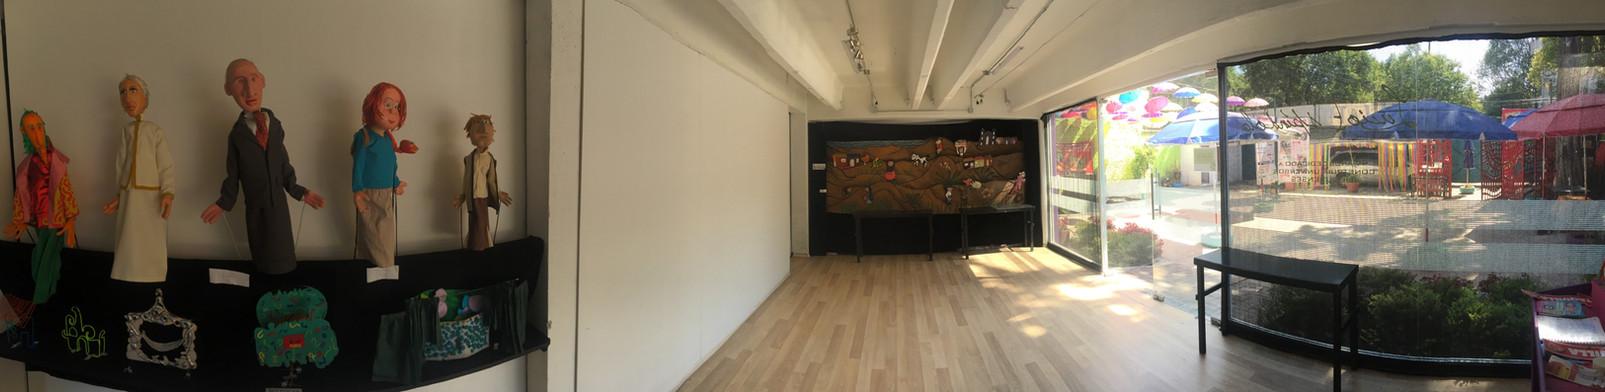 01 Galeria.jpg